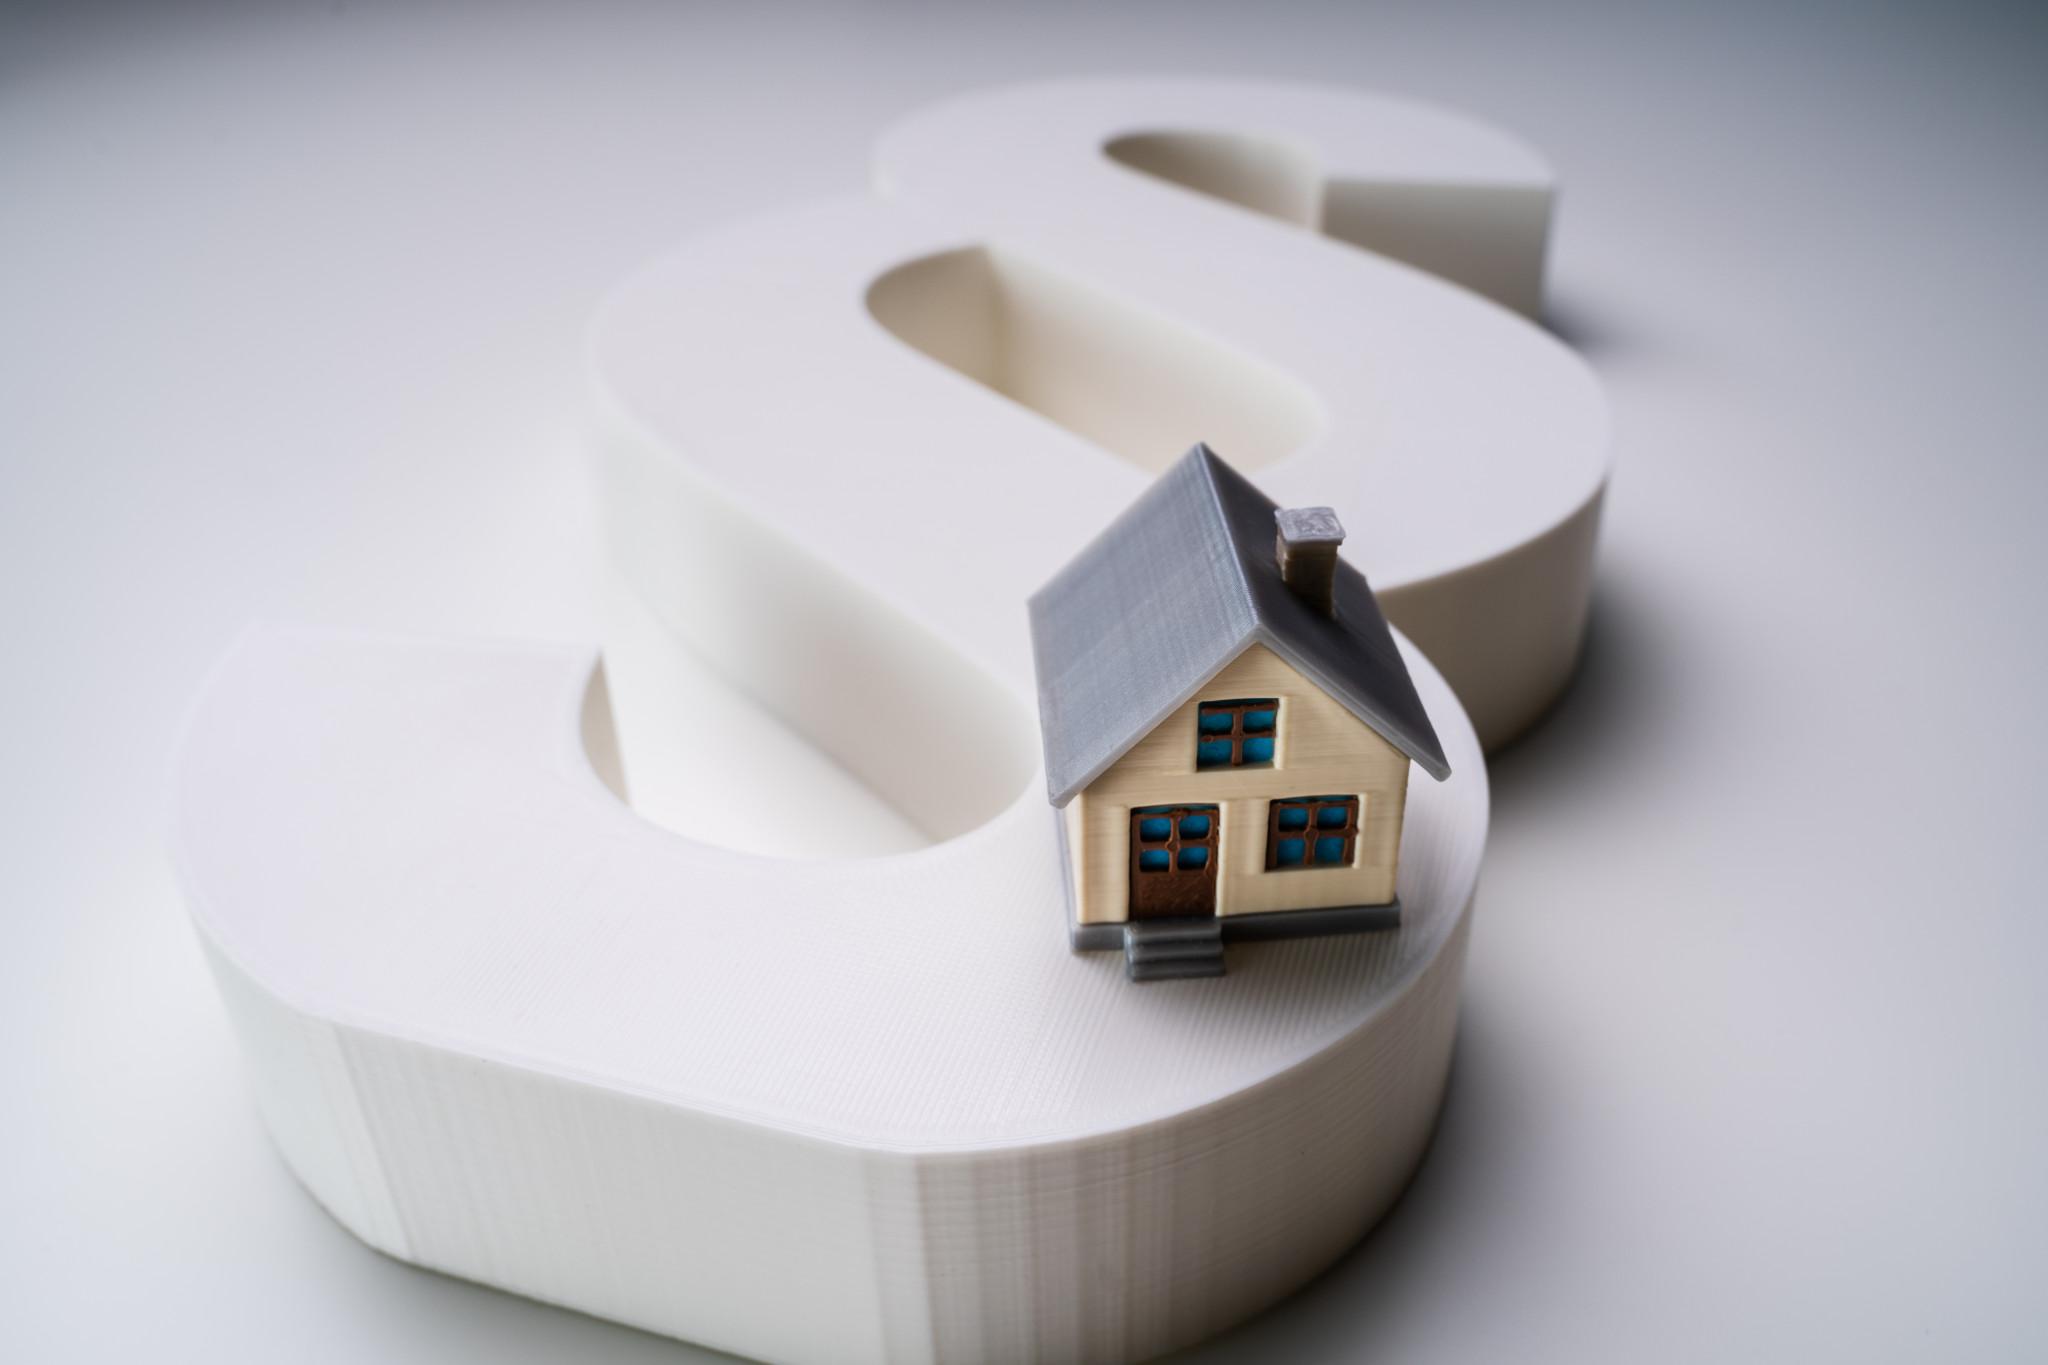 Närbild på modellering av hus i anslutning till paragraf-symbol.